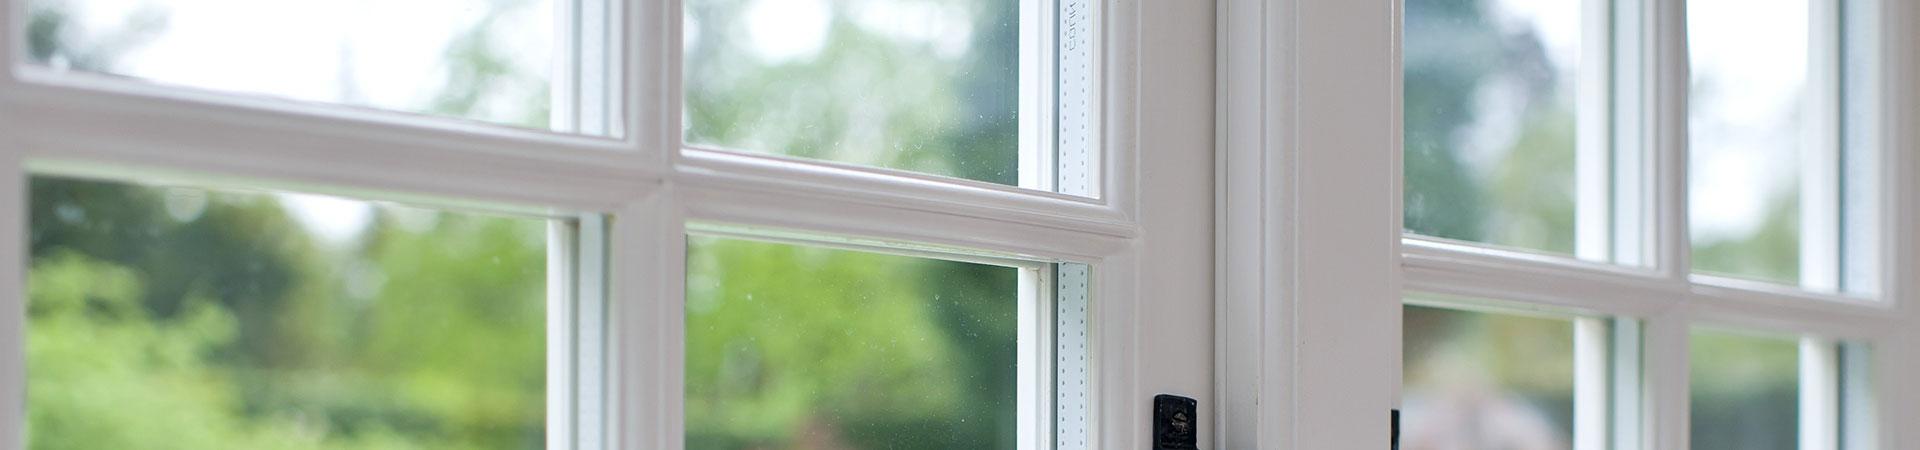 Produzione e installazione serramenti in PVC di alta qualità